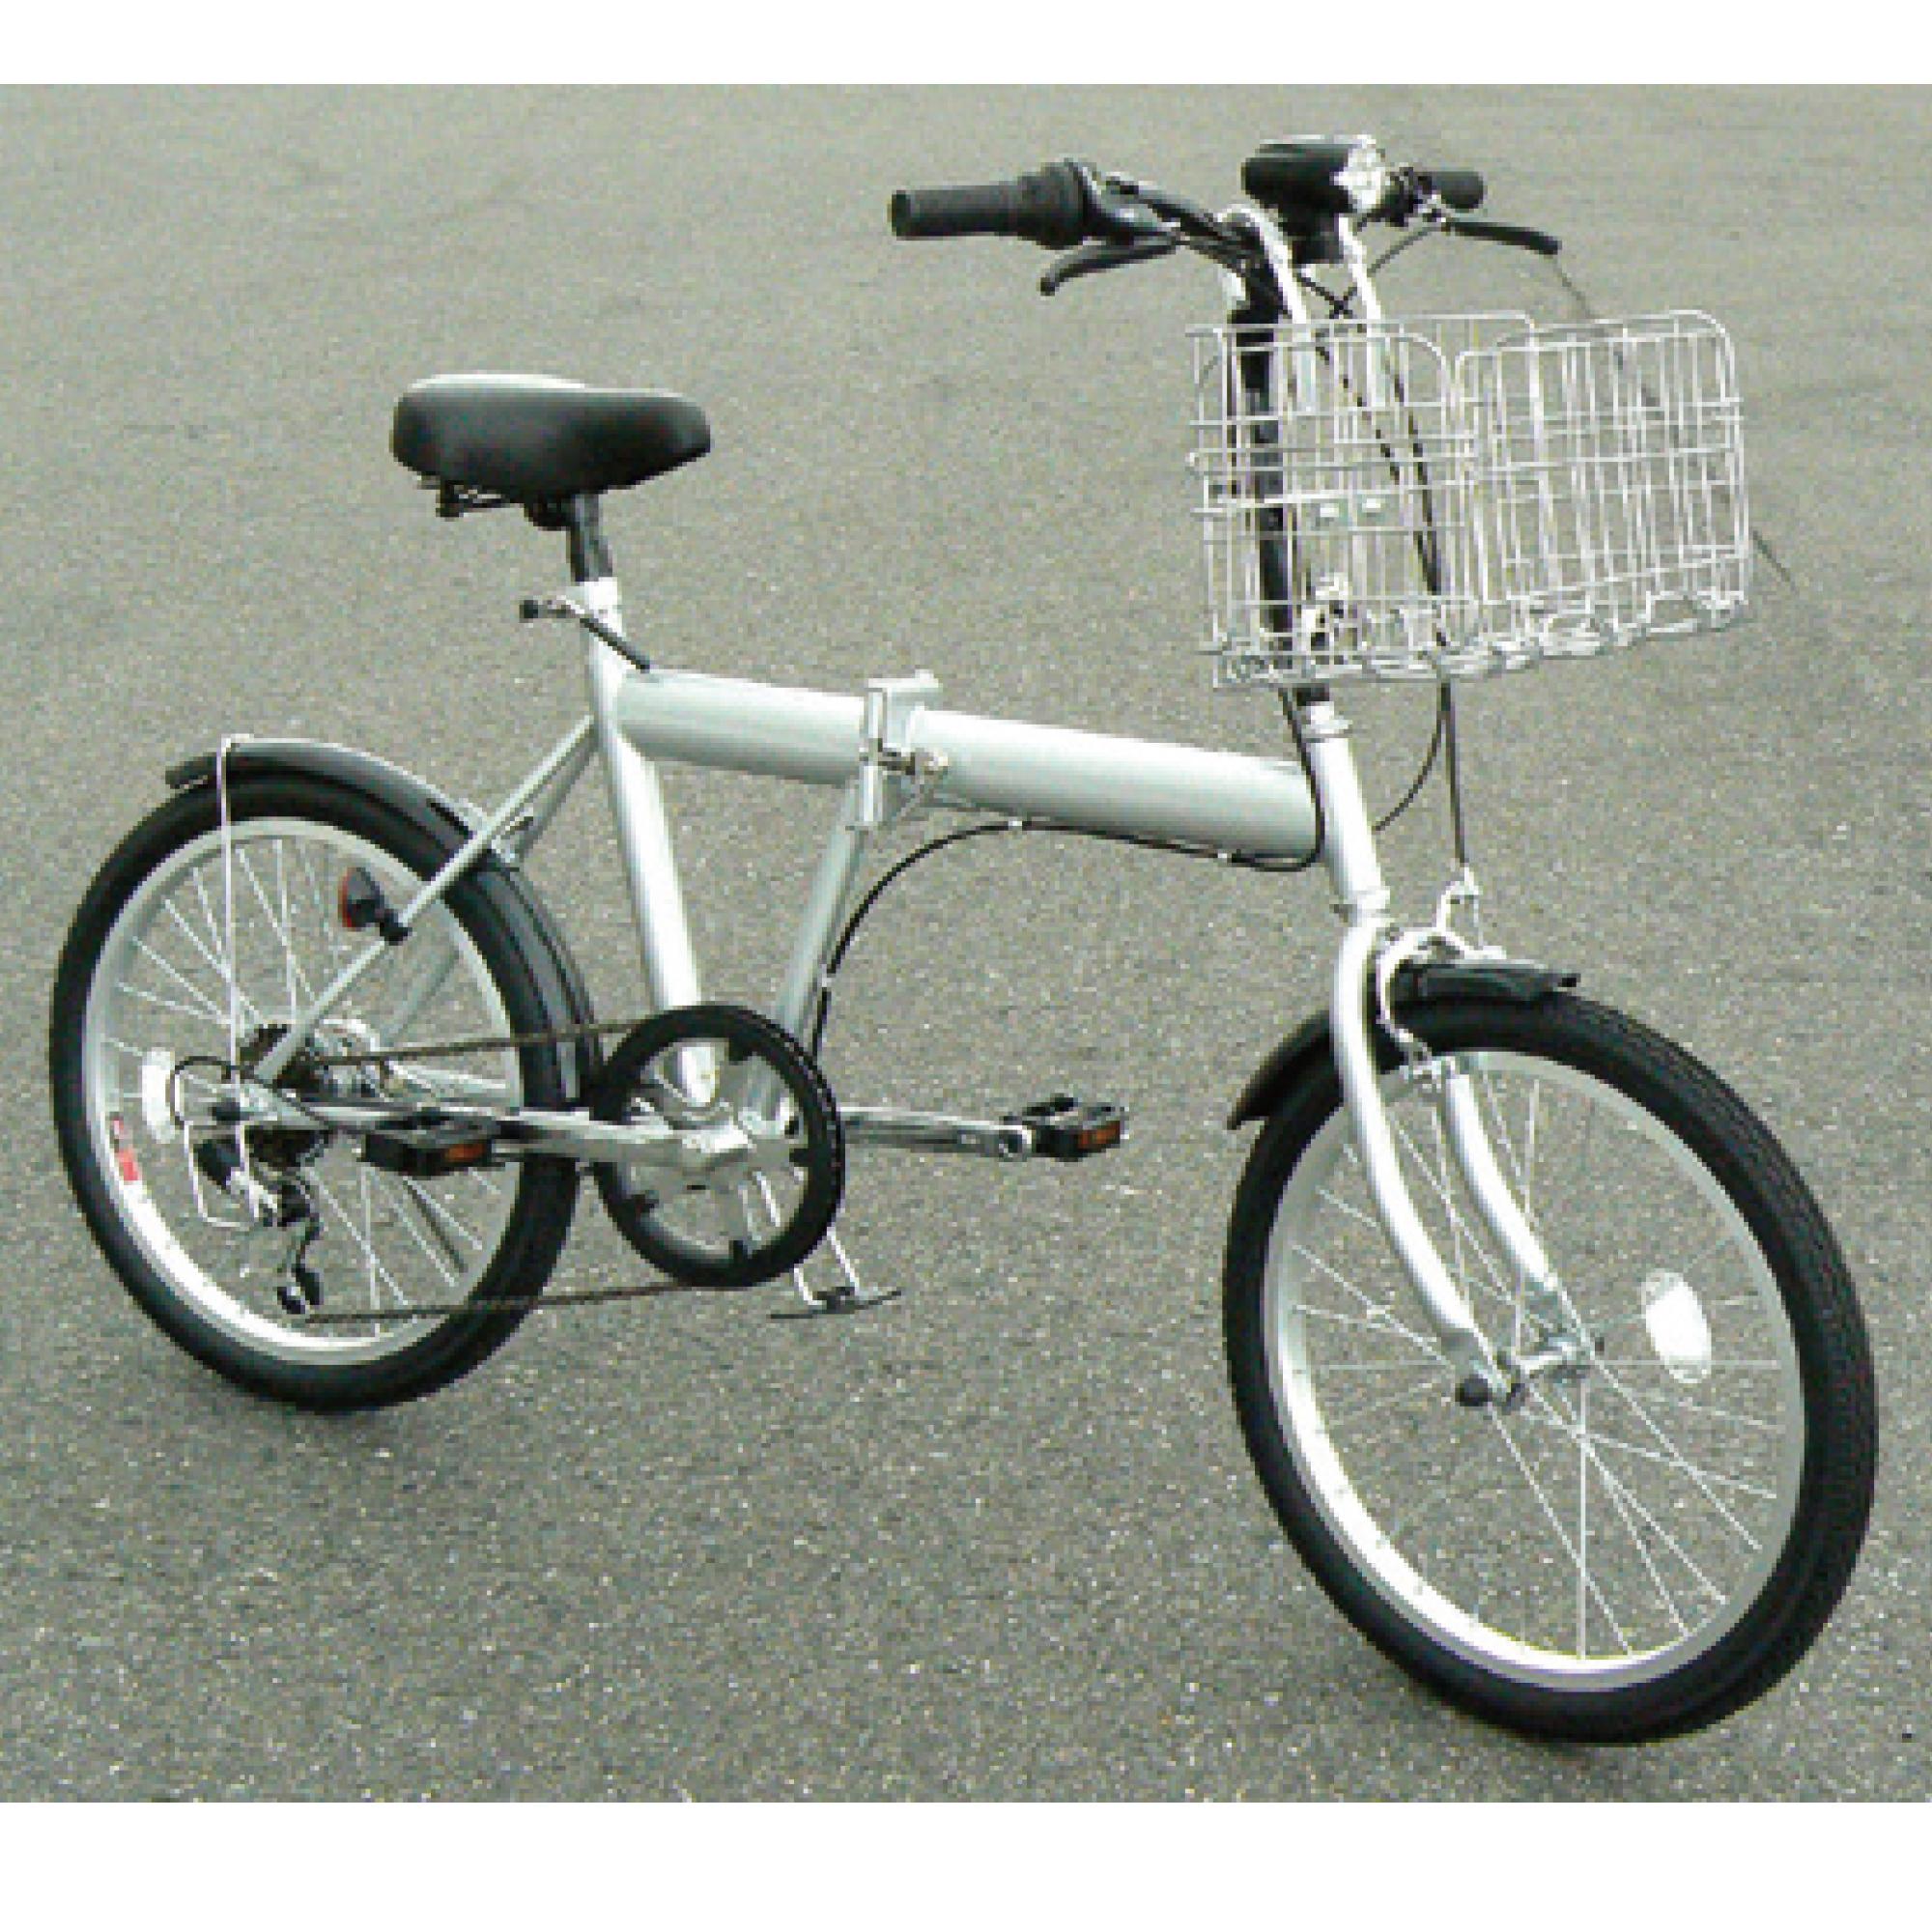 ノーパンク折畳自転車 本体のみ シルバー